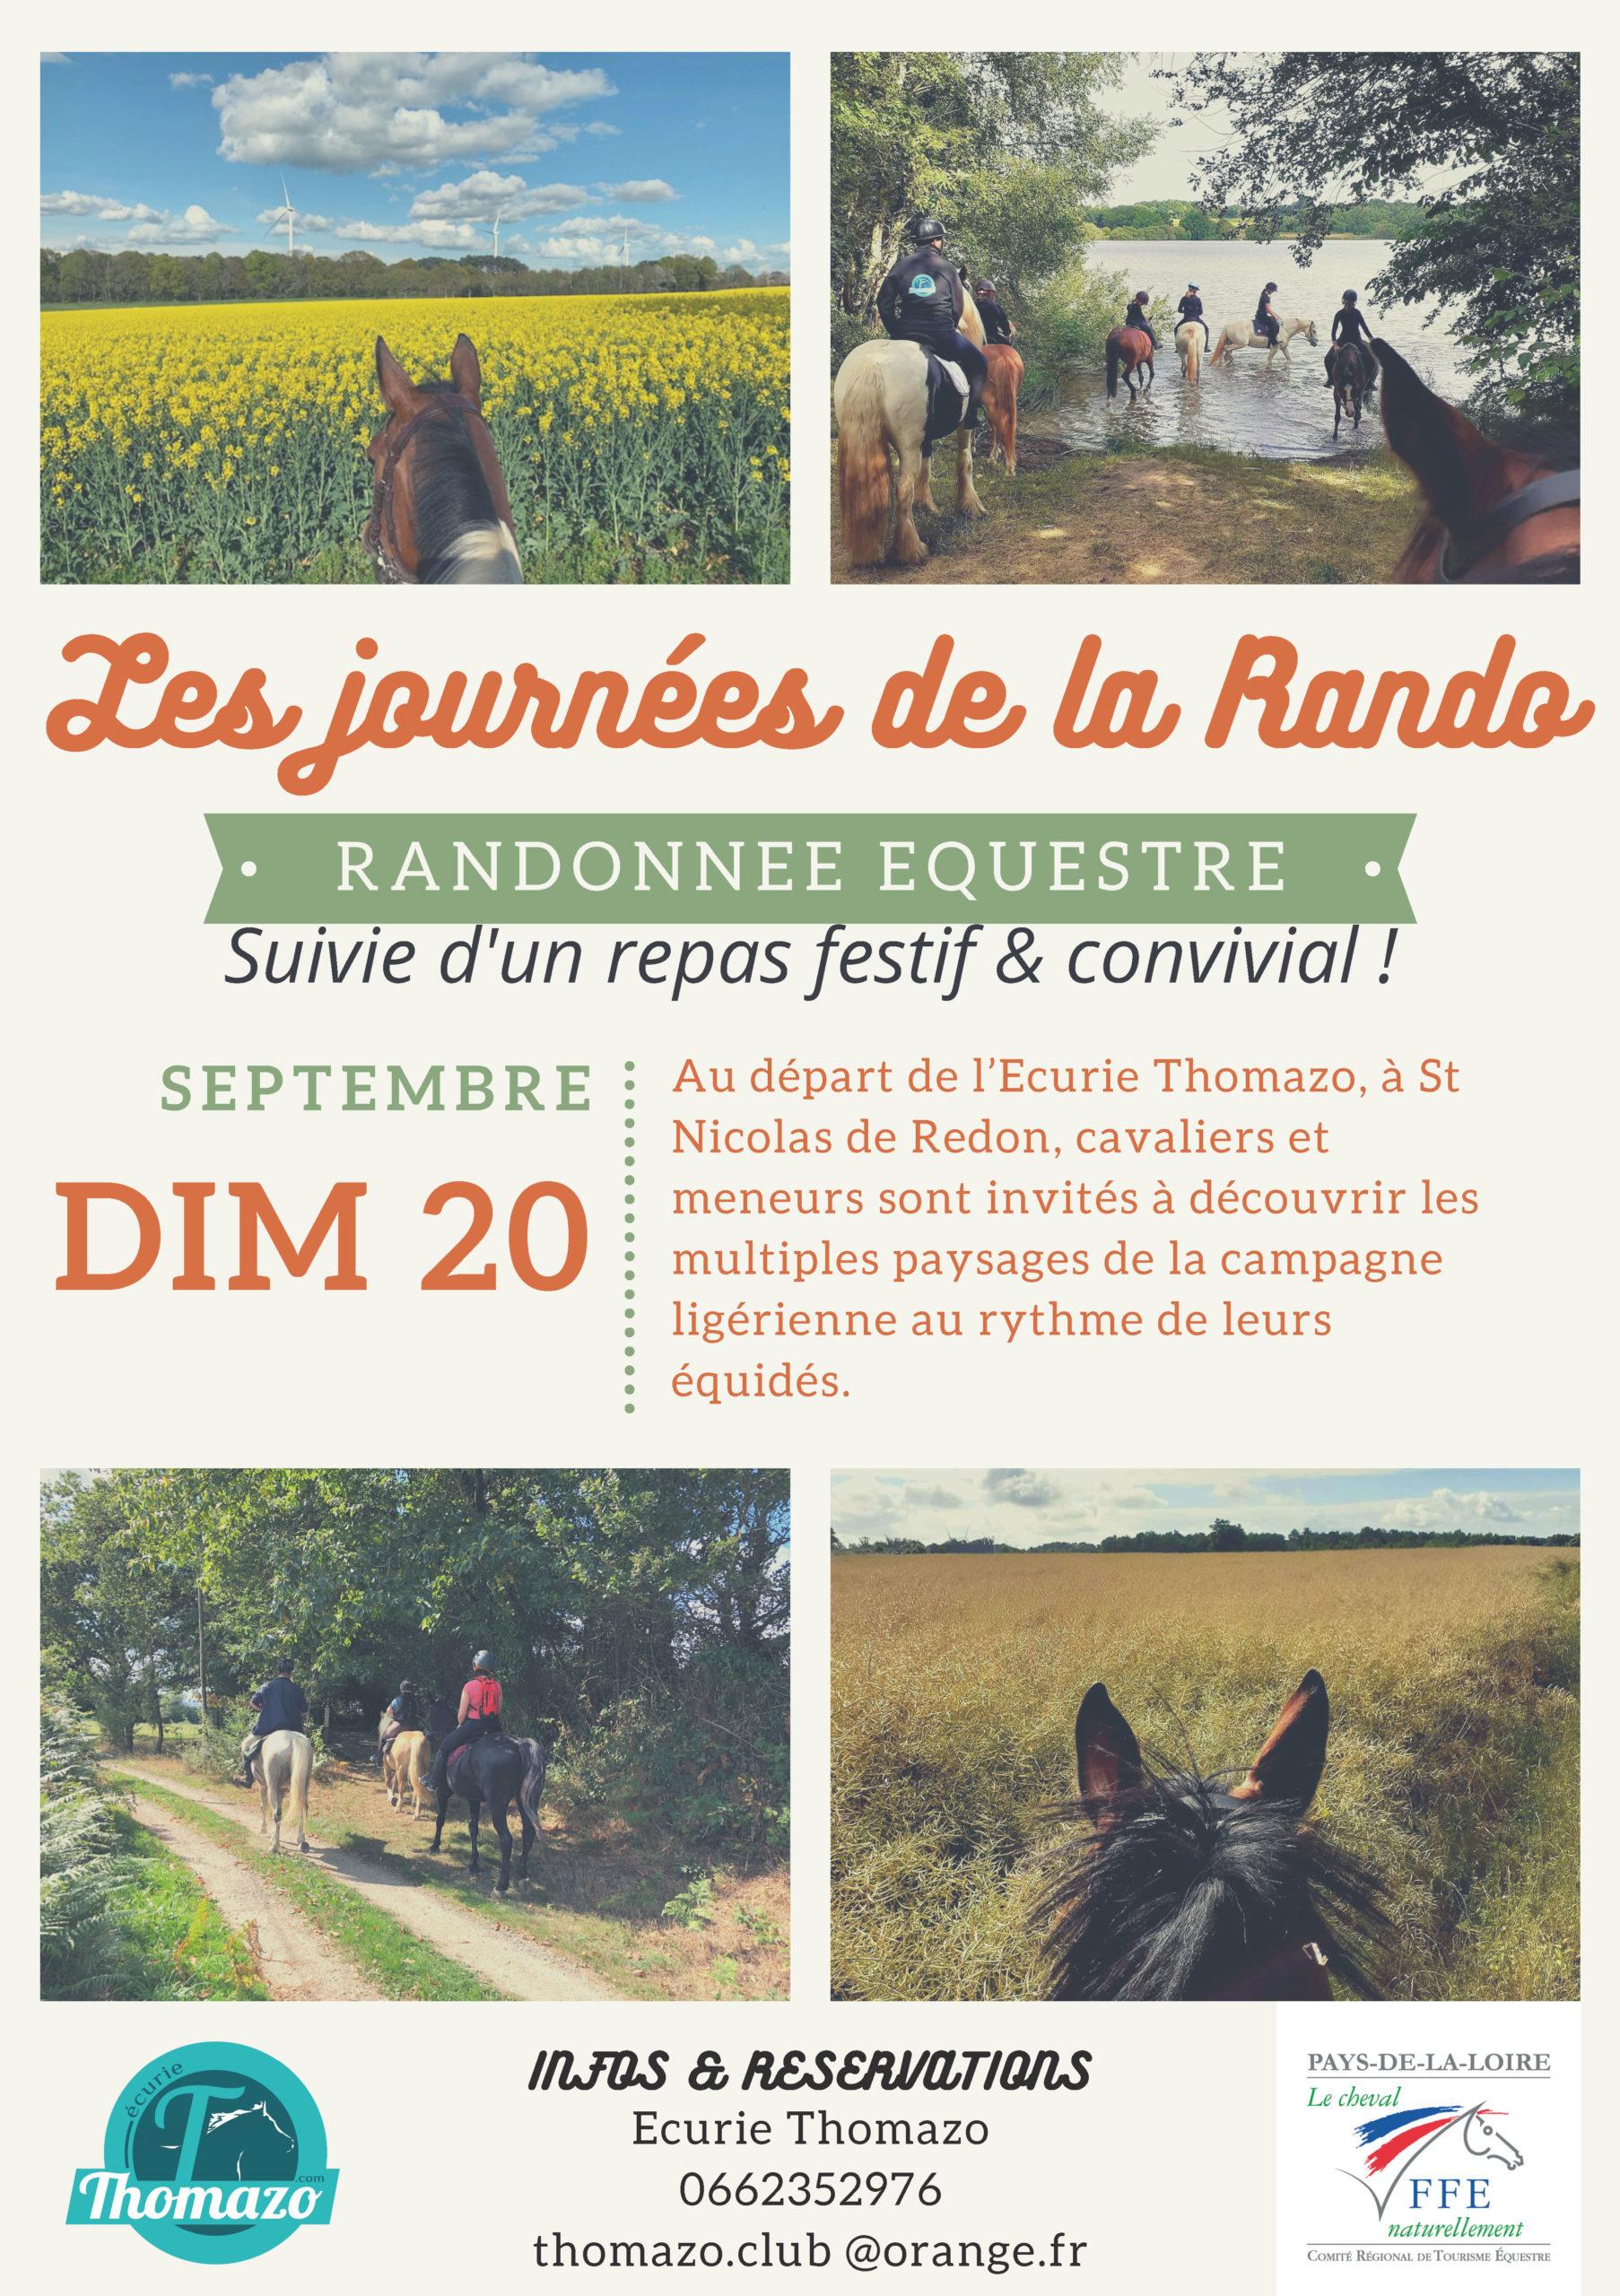 Les journées de la rando…Le 20 septembre en Loire Atlantique